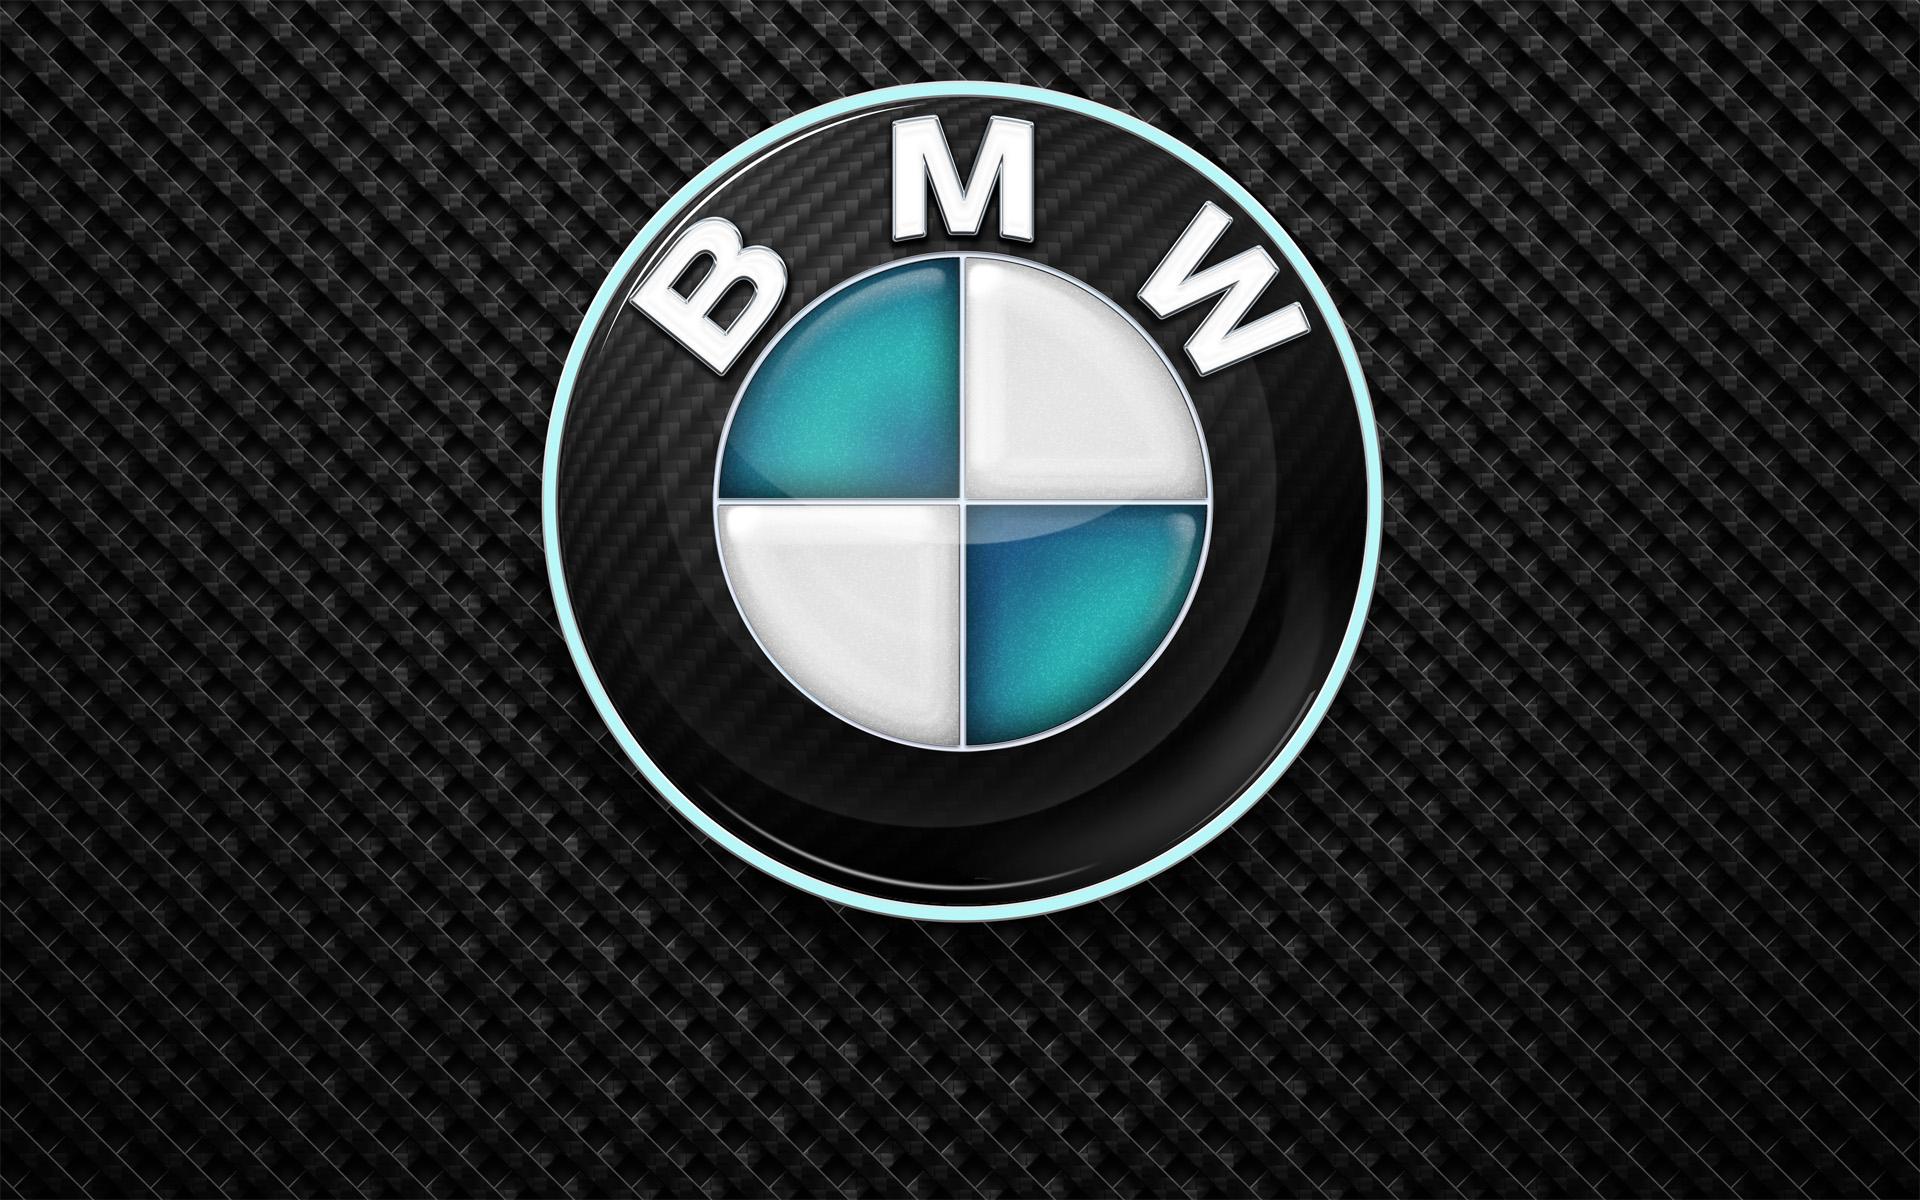 92 Logo Bmw Wallpapers On Wallpapersafari